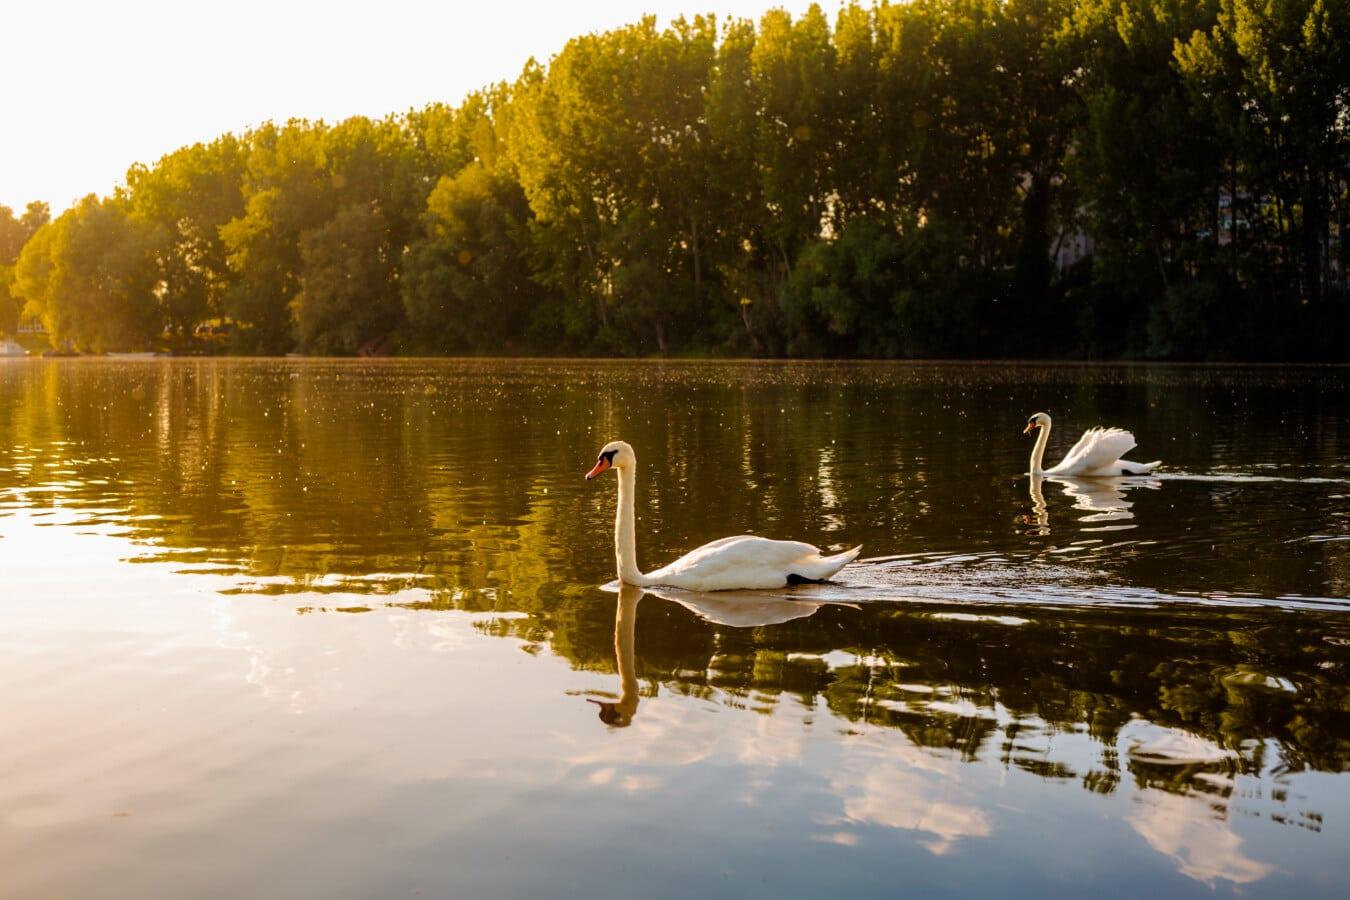 Schwan, majestätisch, Sonnenlicht, Schwimmen, Anmut, Wasser, Landschaft, See, Struktur, Fluss